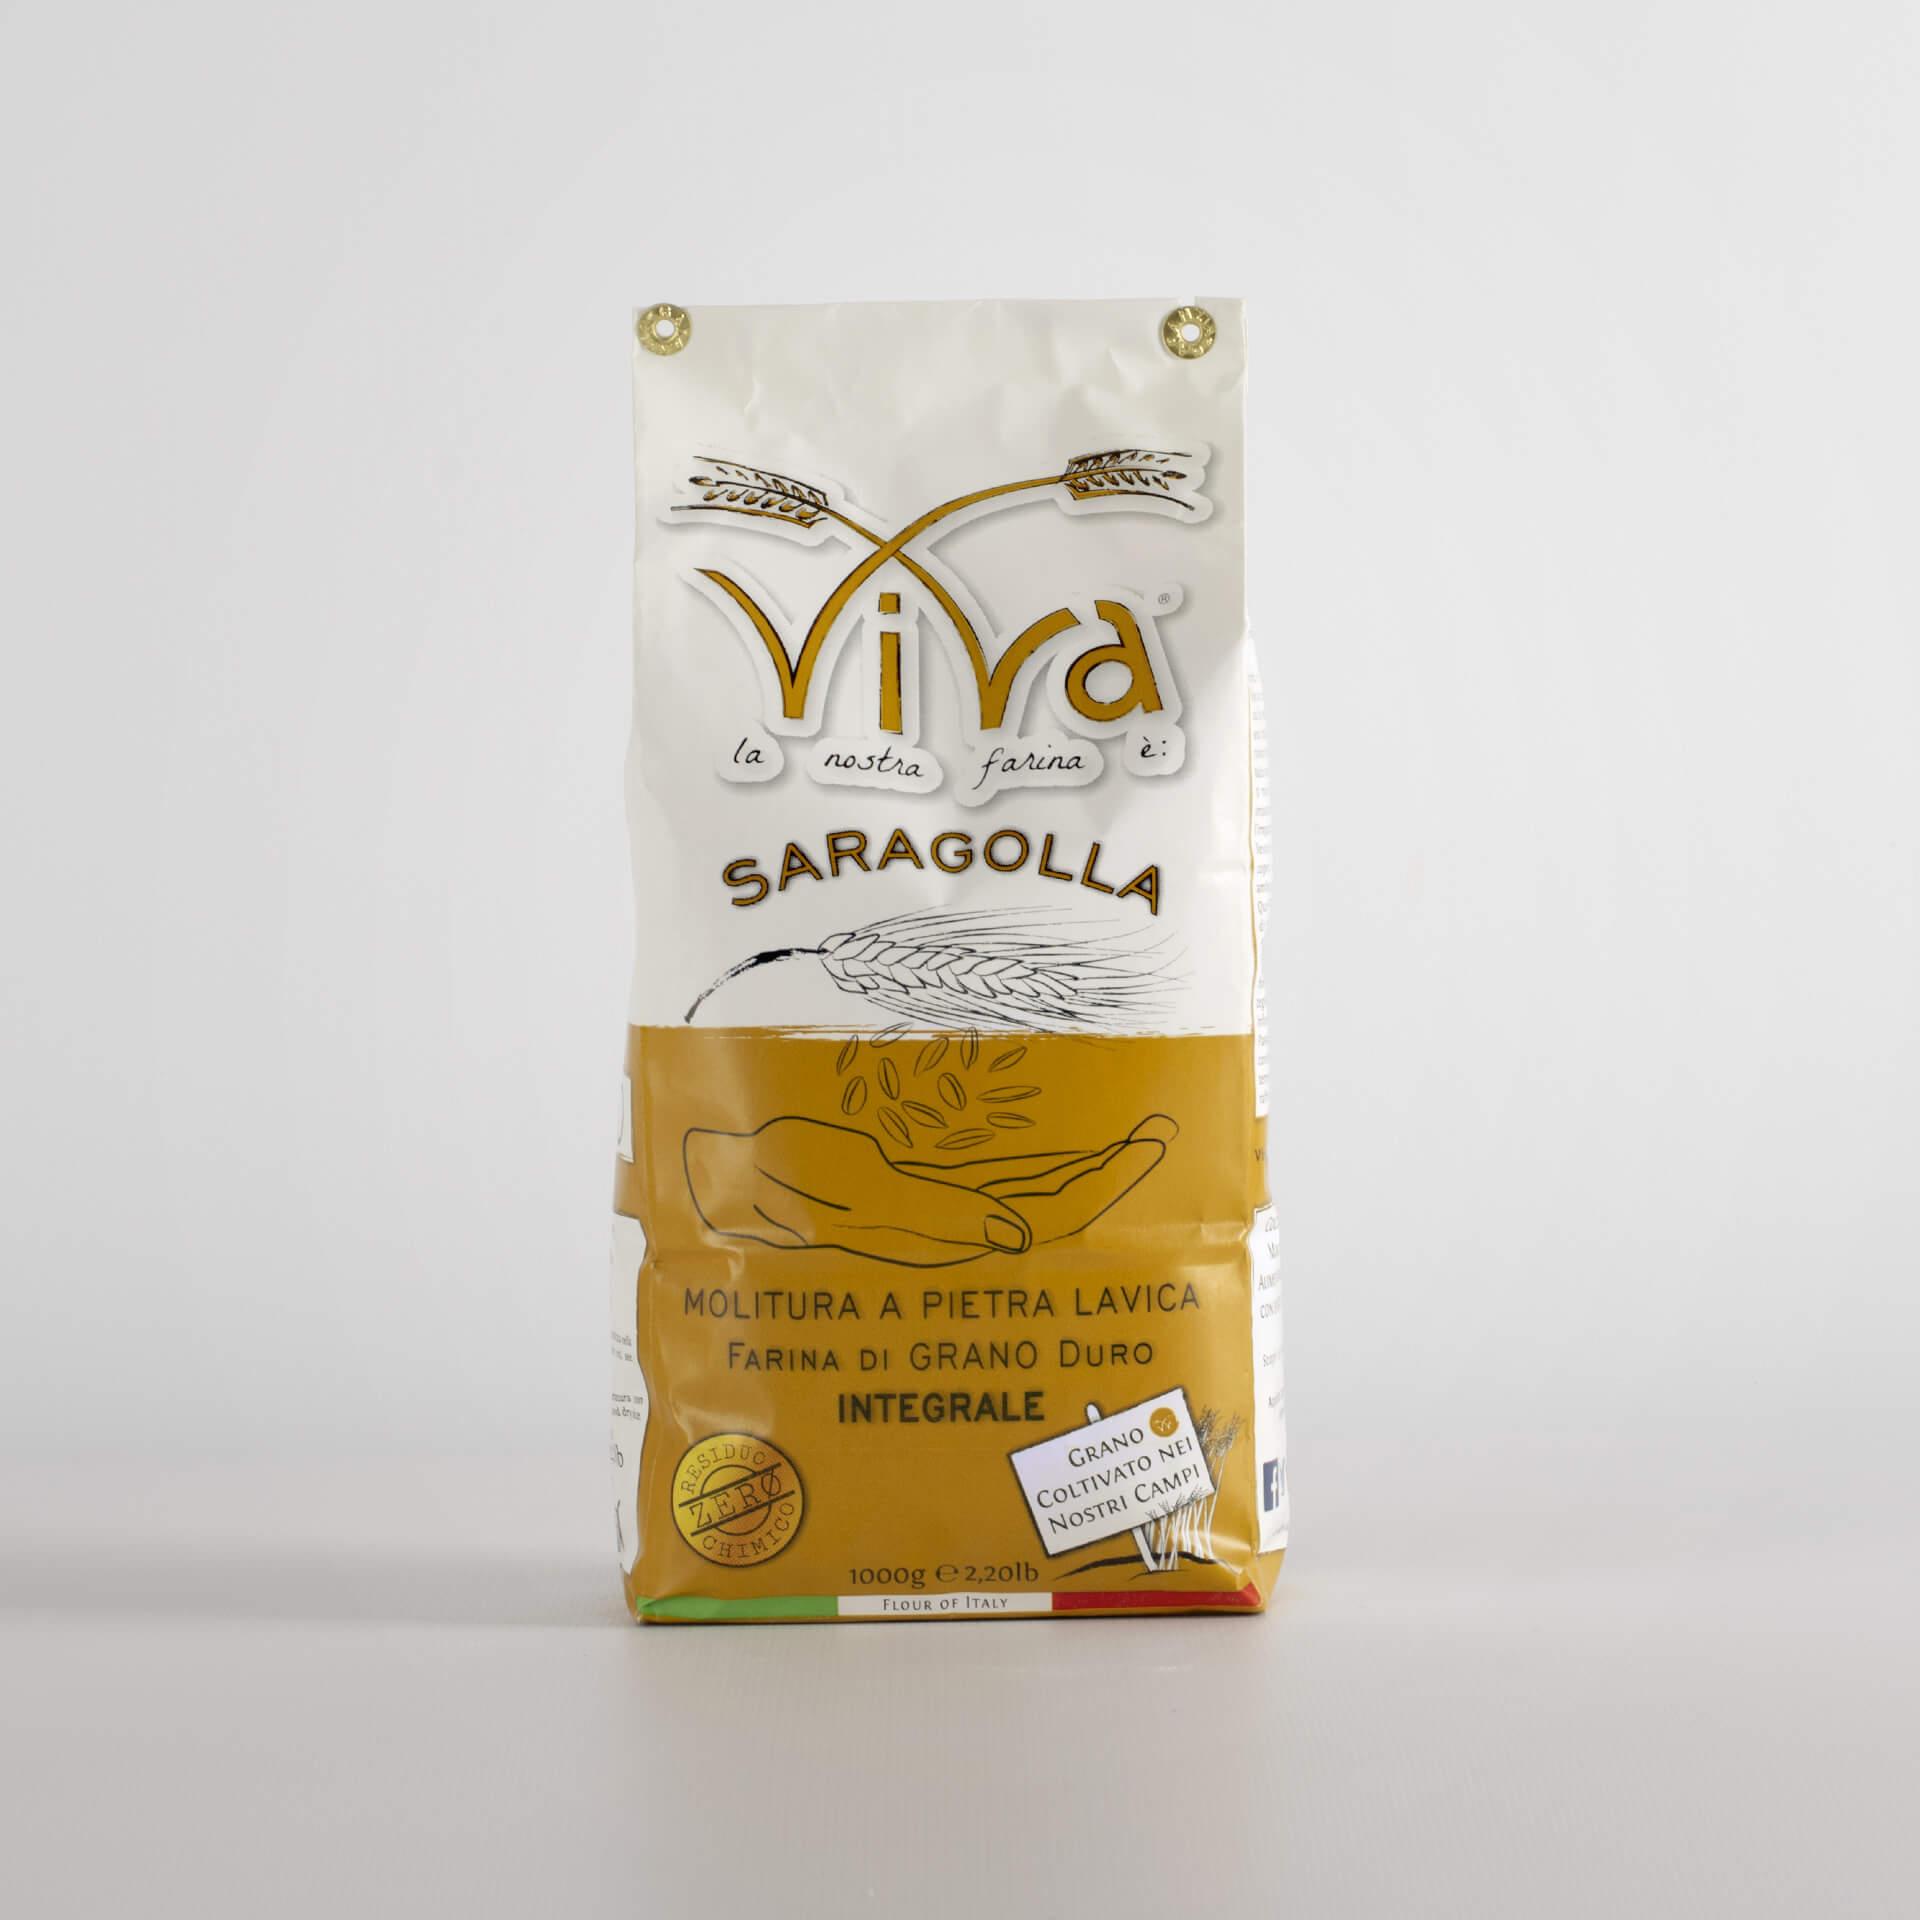 Farina di Grano Duro Saragolla 1 kg